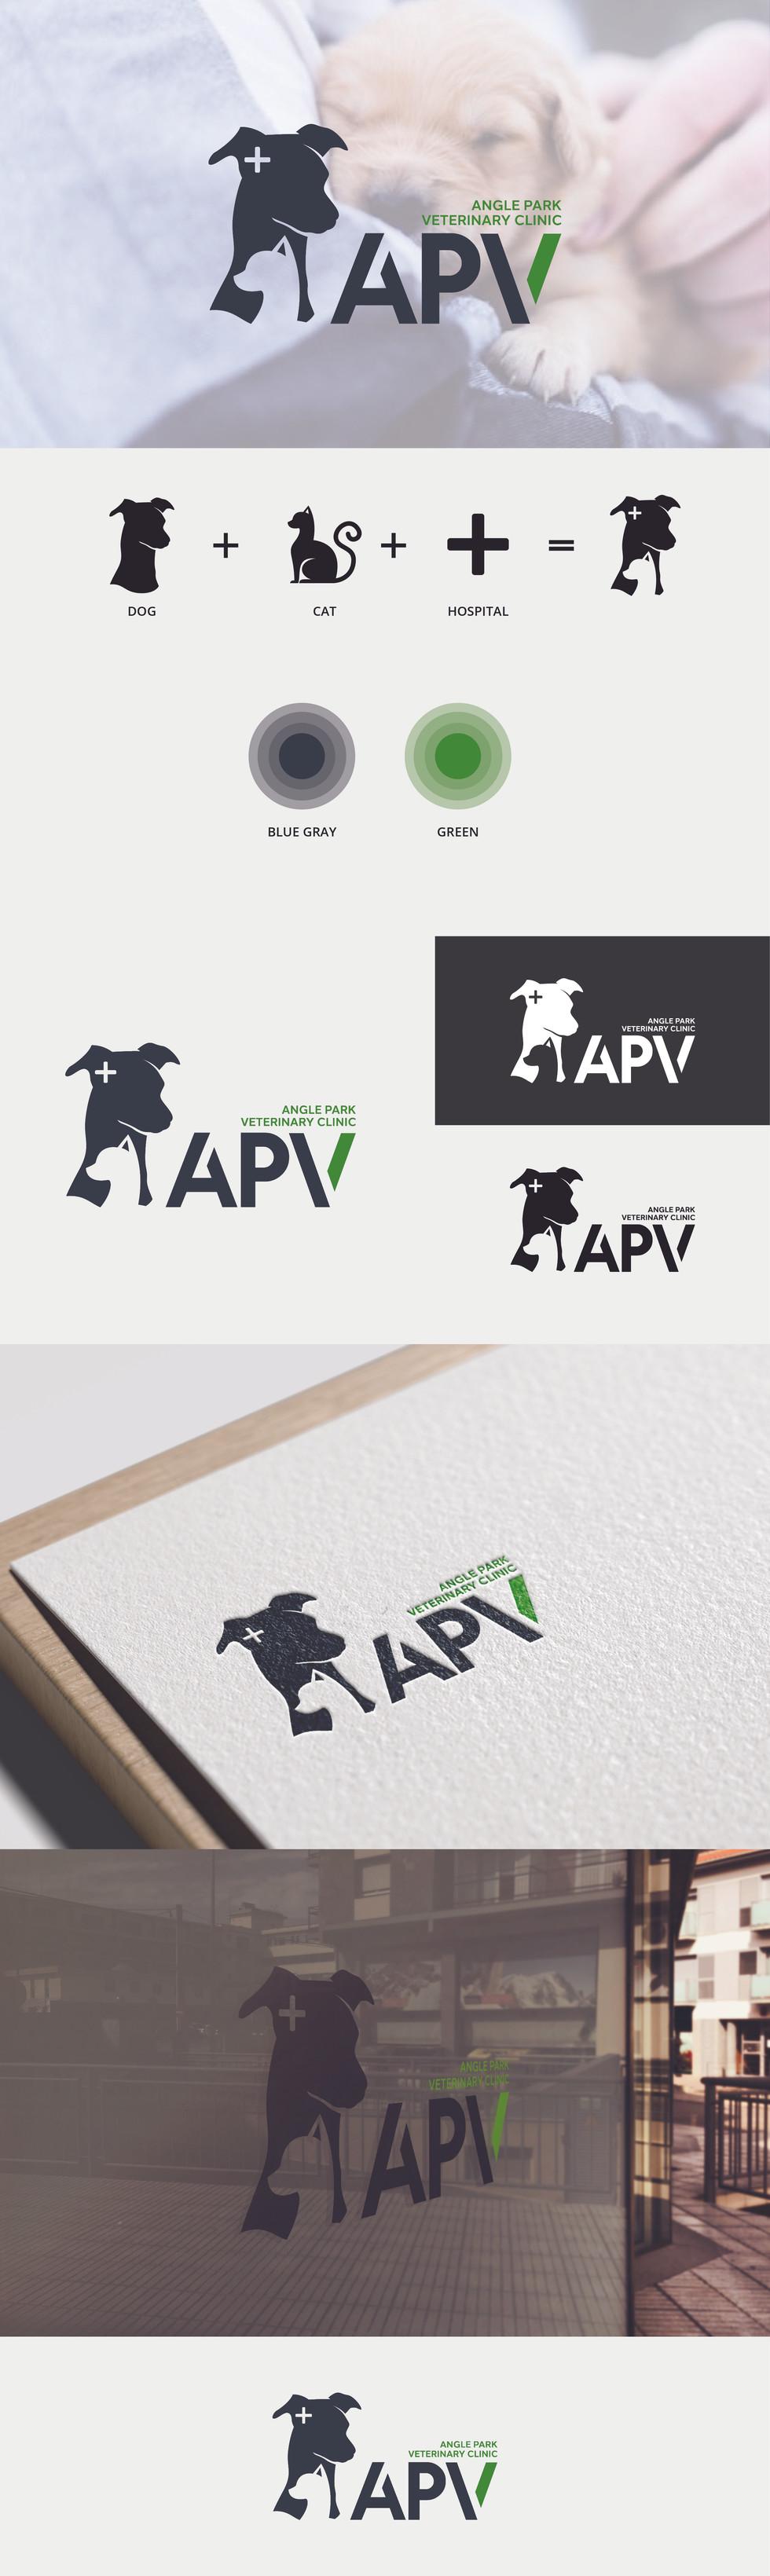 APV behance-01-01-01.jpg